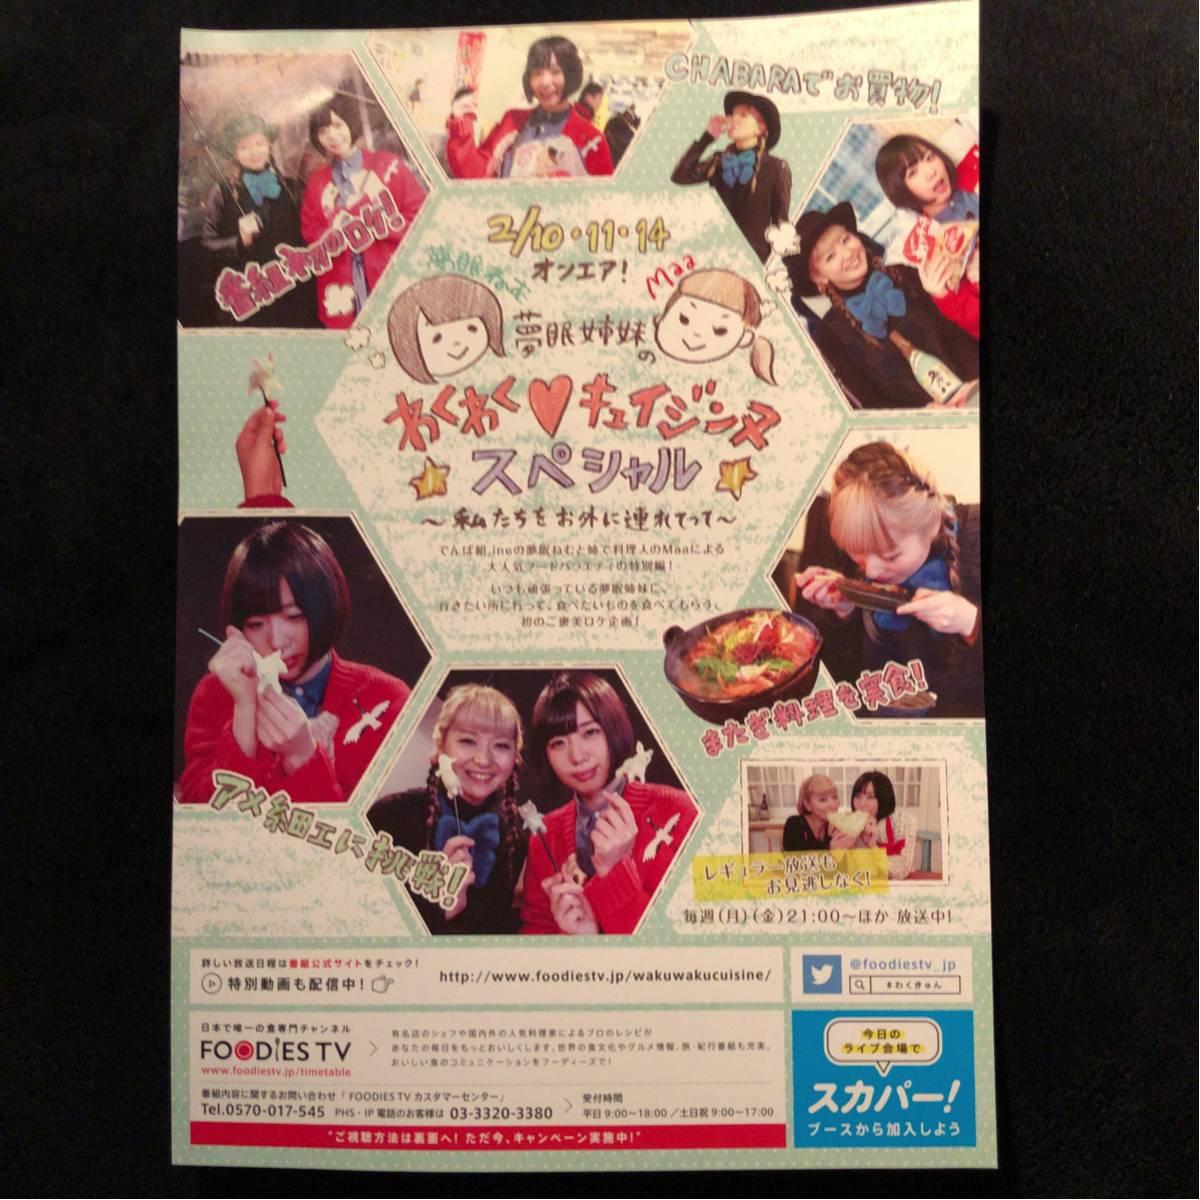 TV番組チラシ★でんぱ組.inc 夢眠ねむ 姉妹 / わくわくキュイジンヌスペシャル